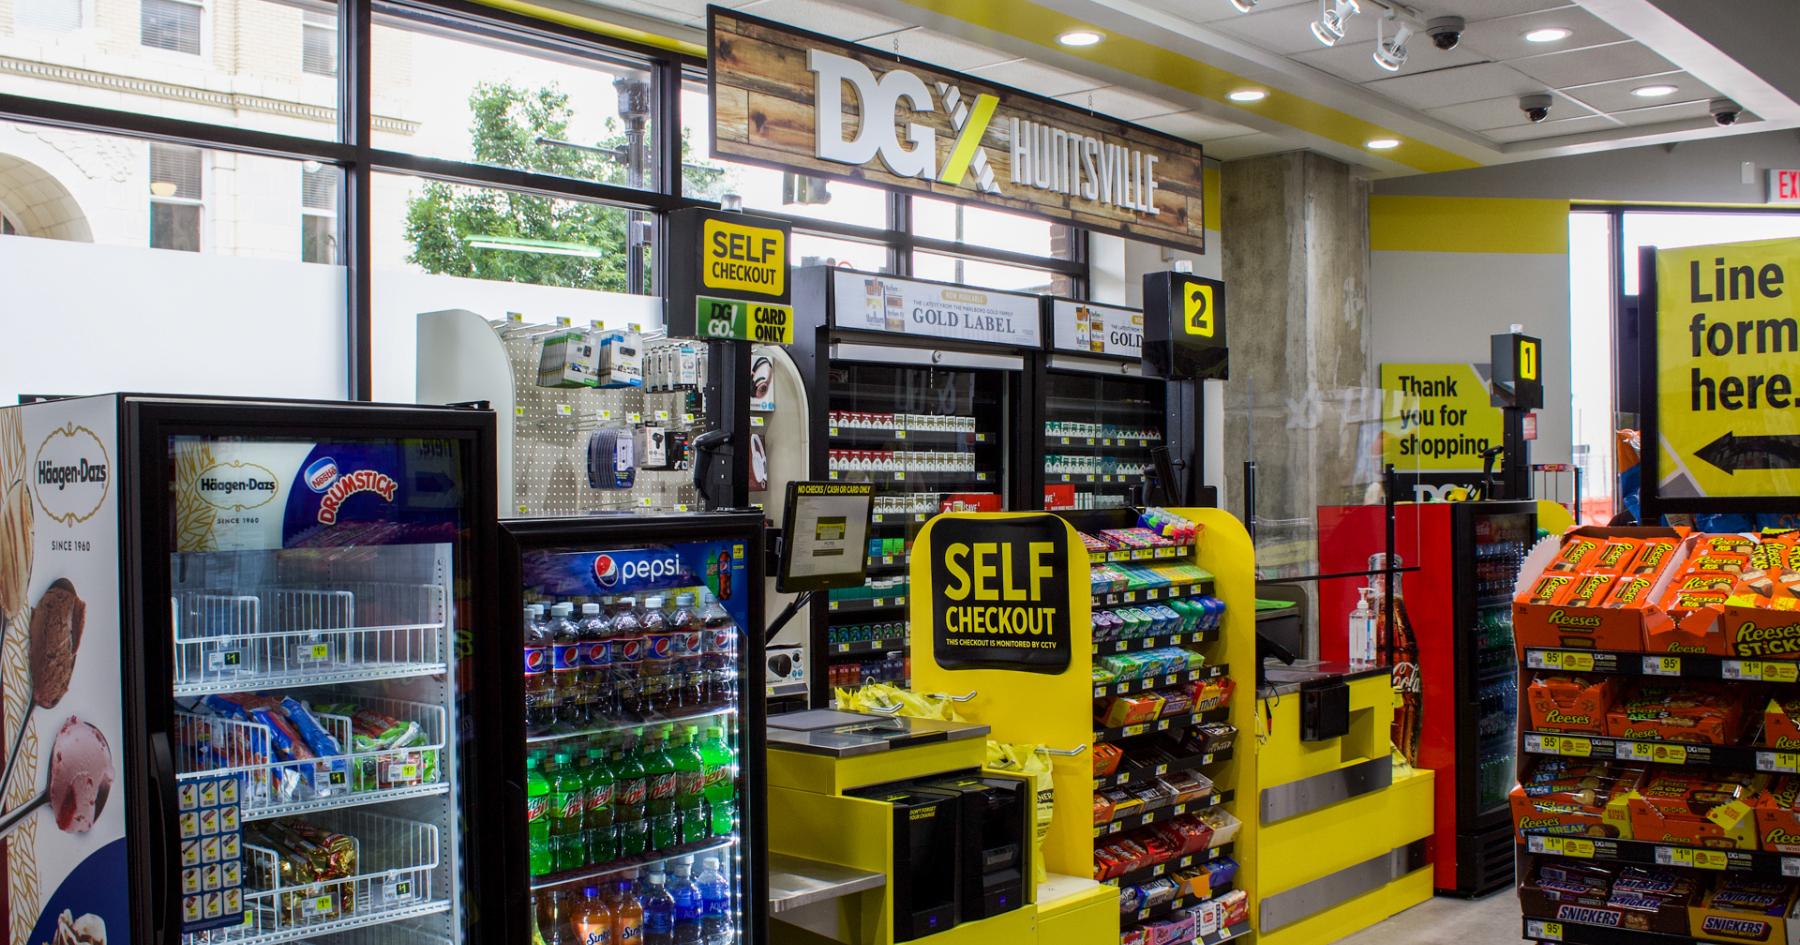 DGX checkout